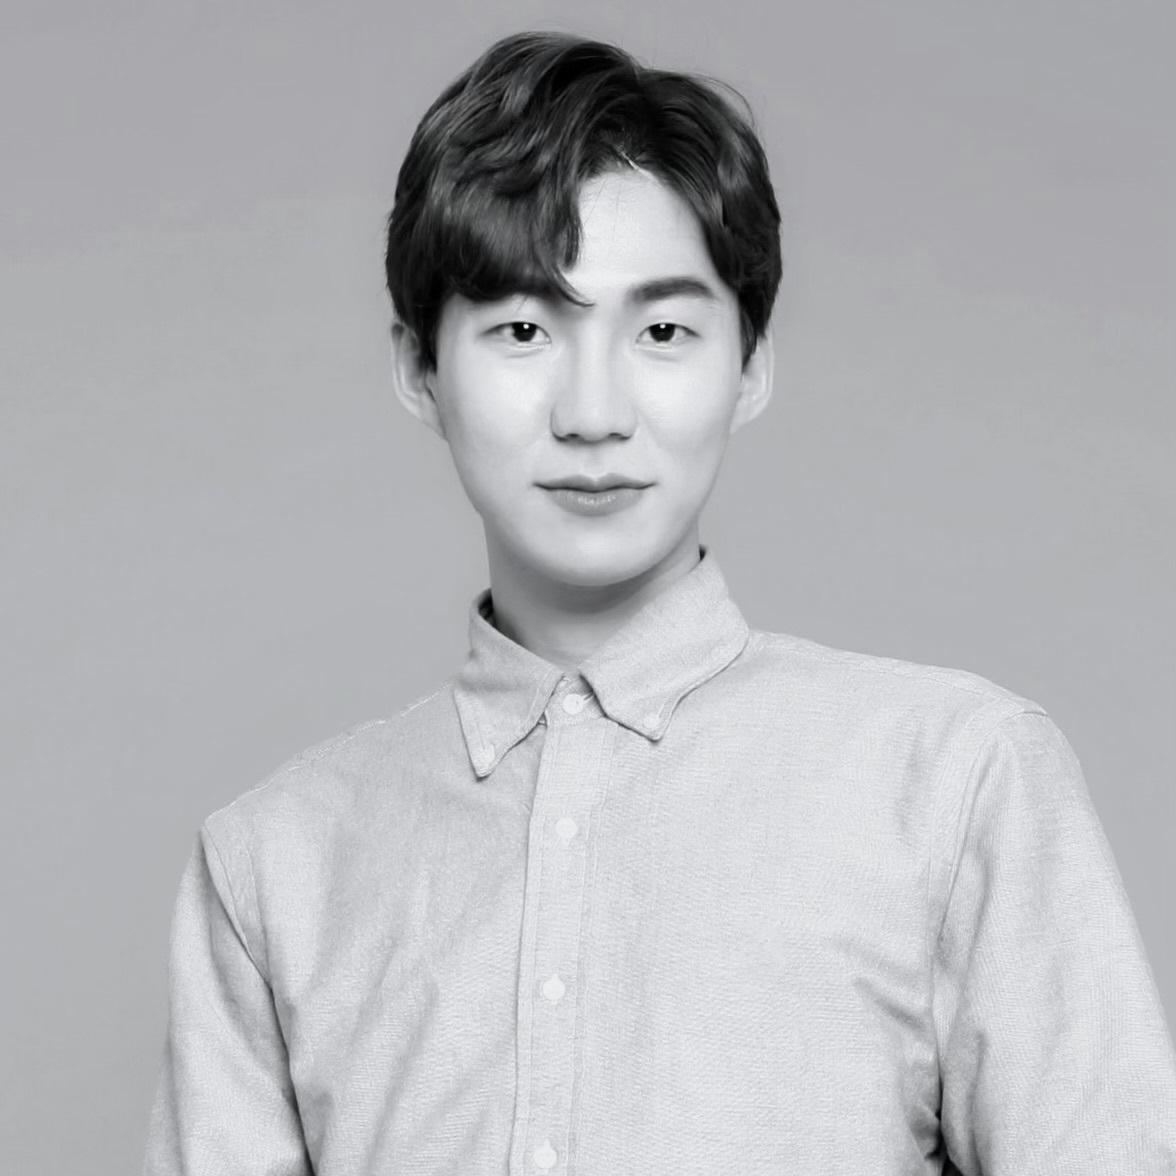 Sun Pil Kim